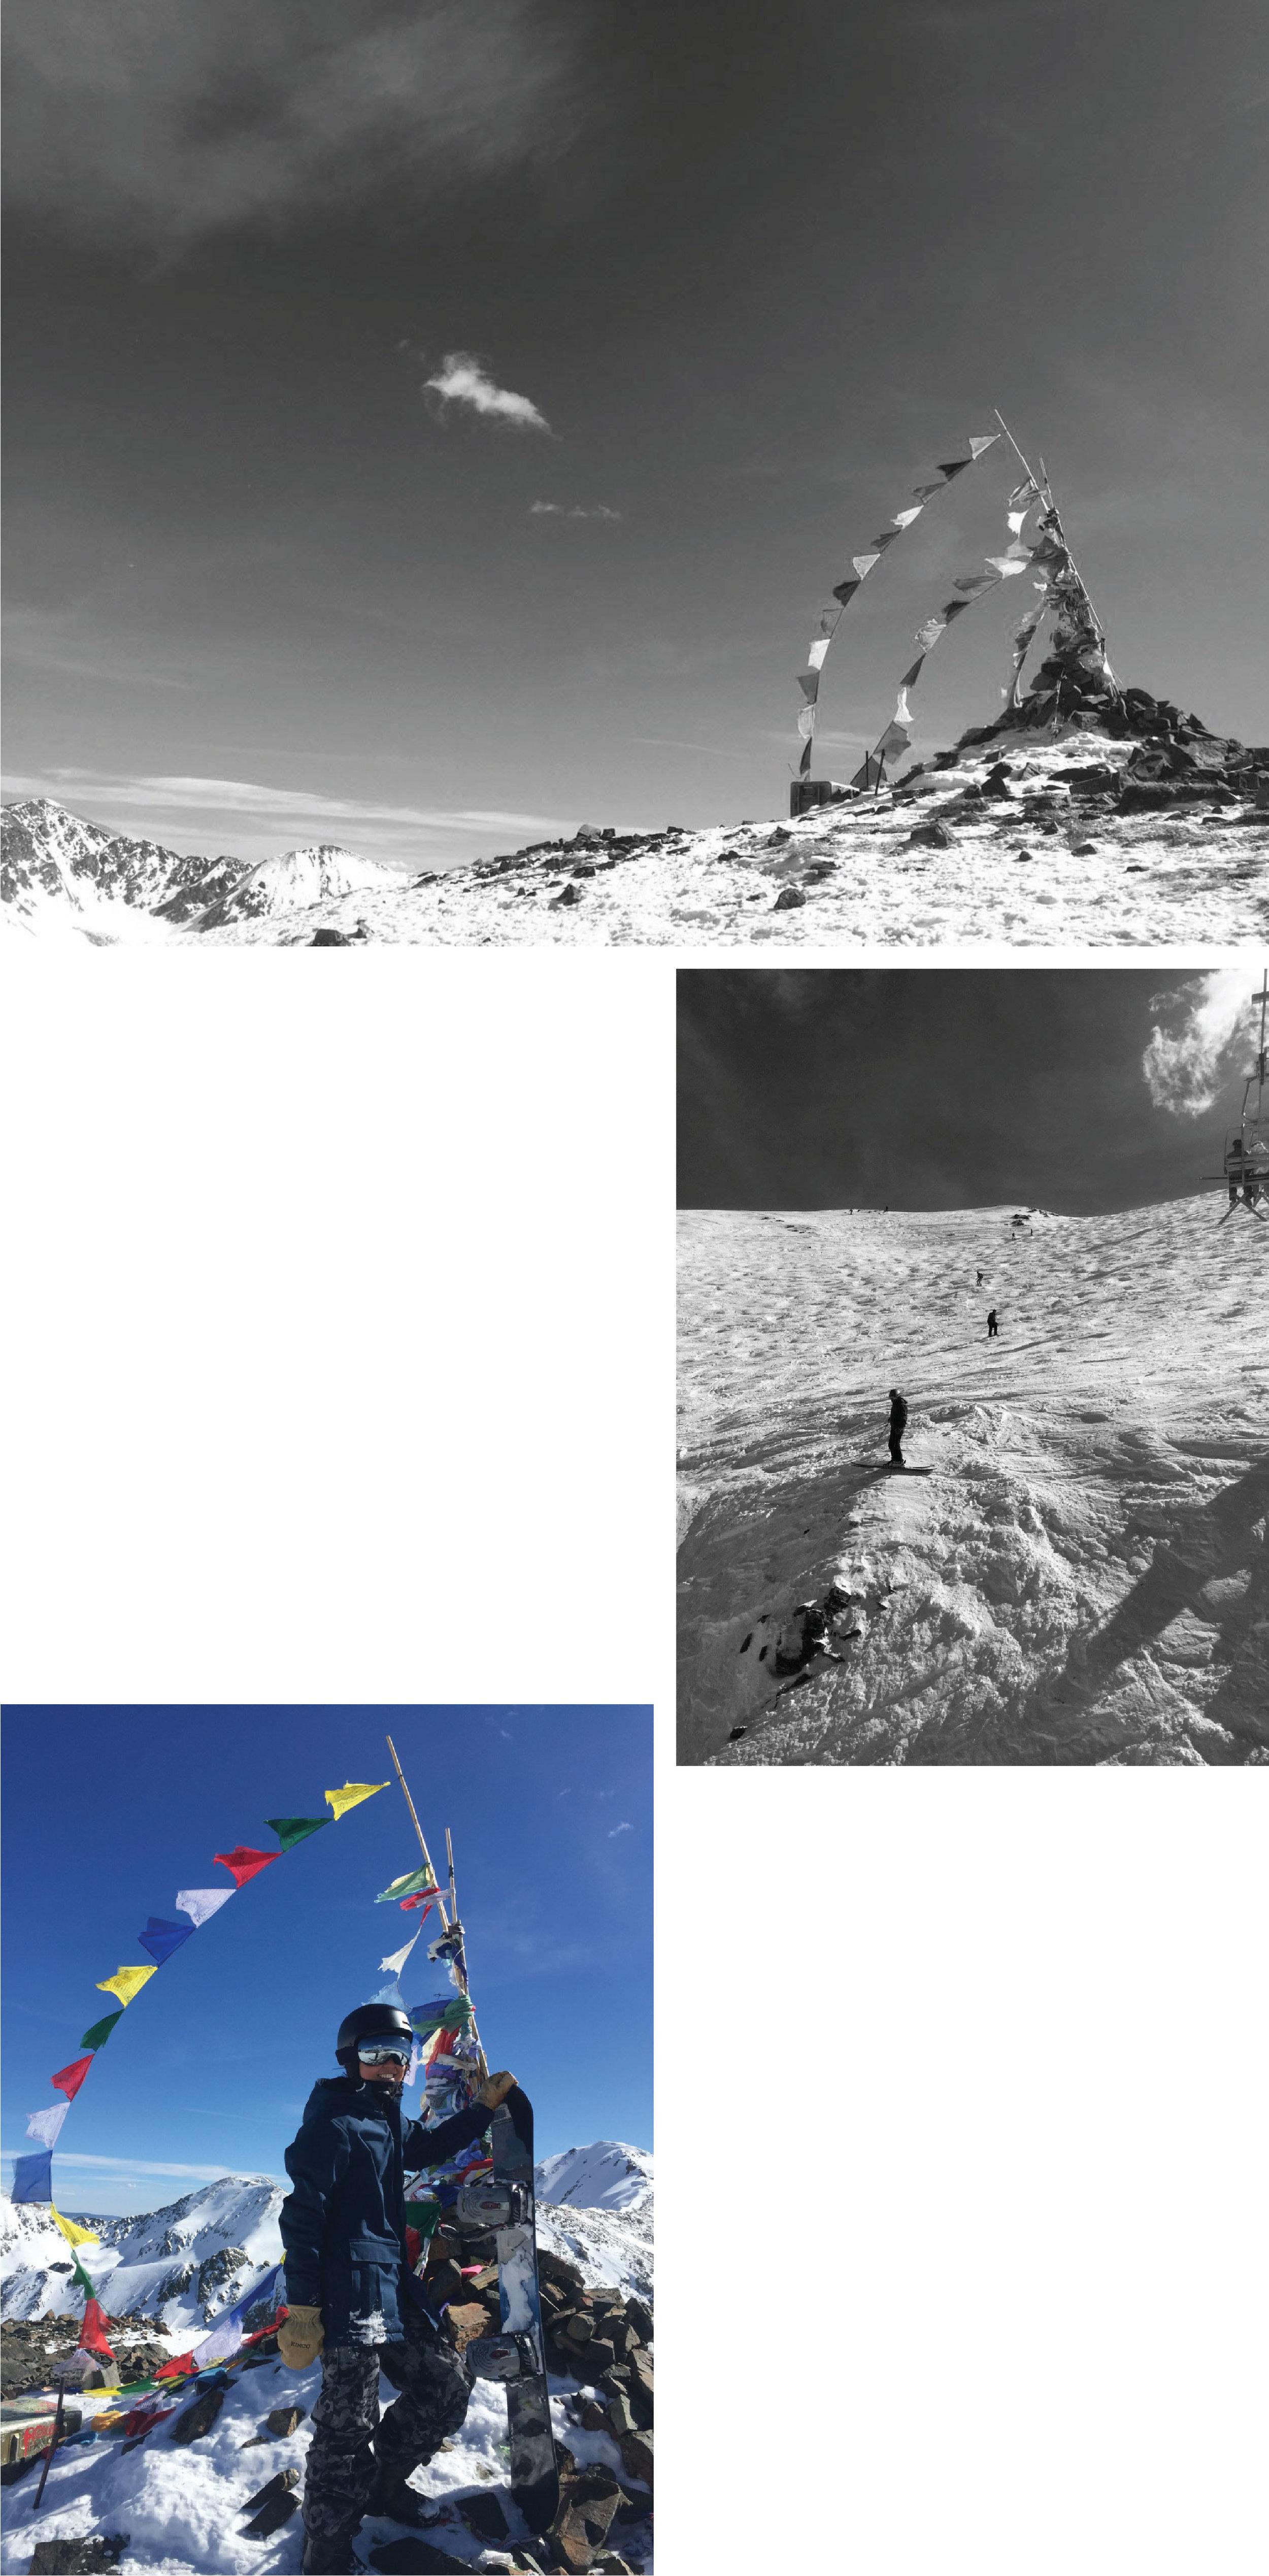 Taos ski resort at New Mexico